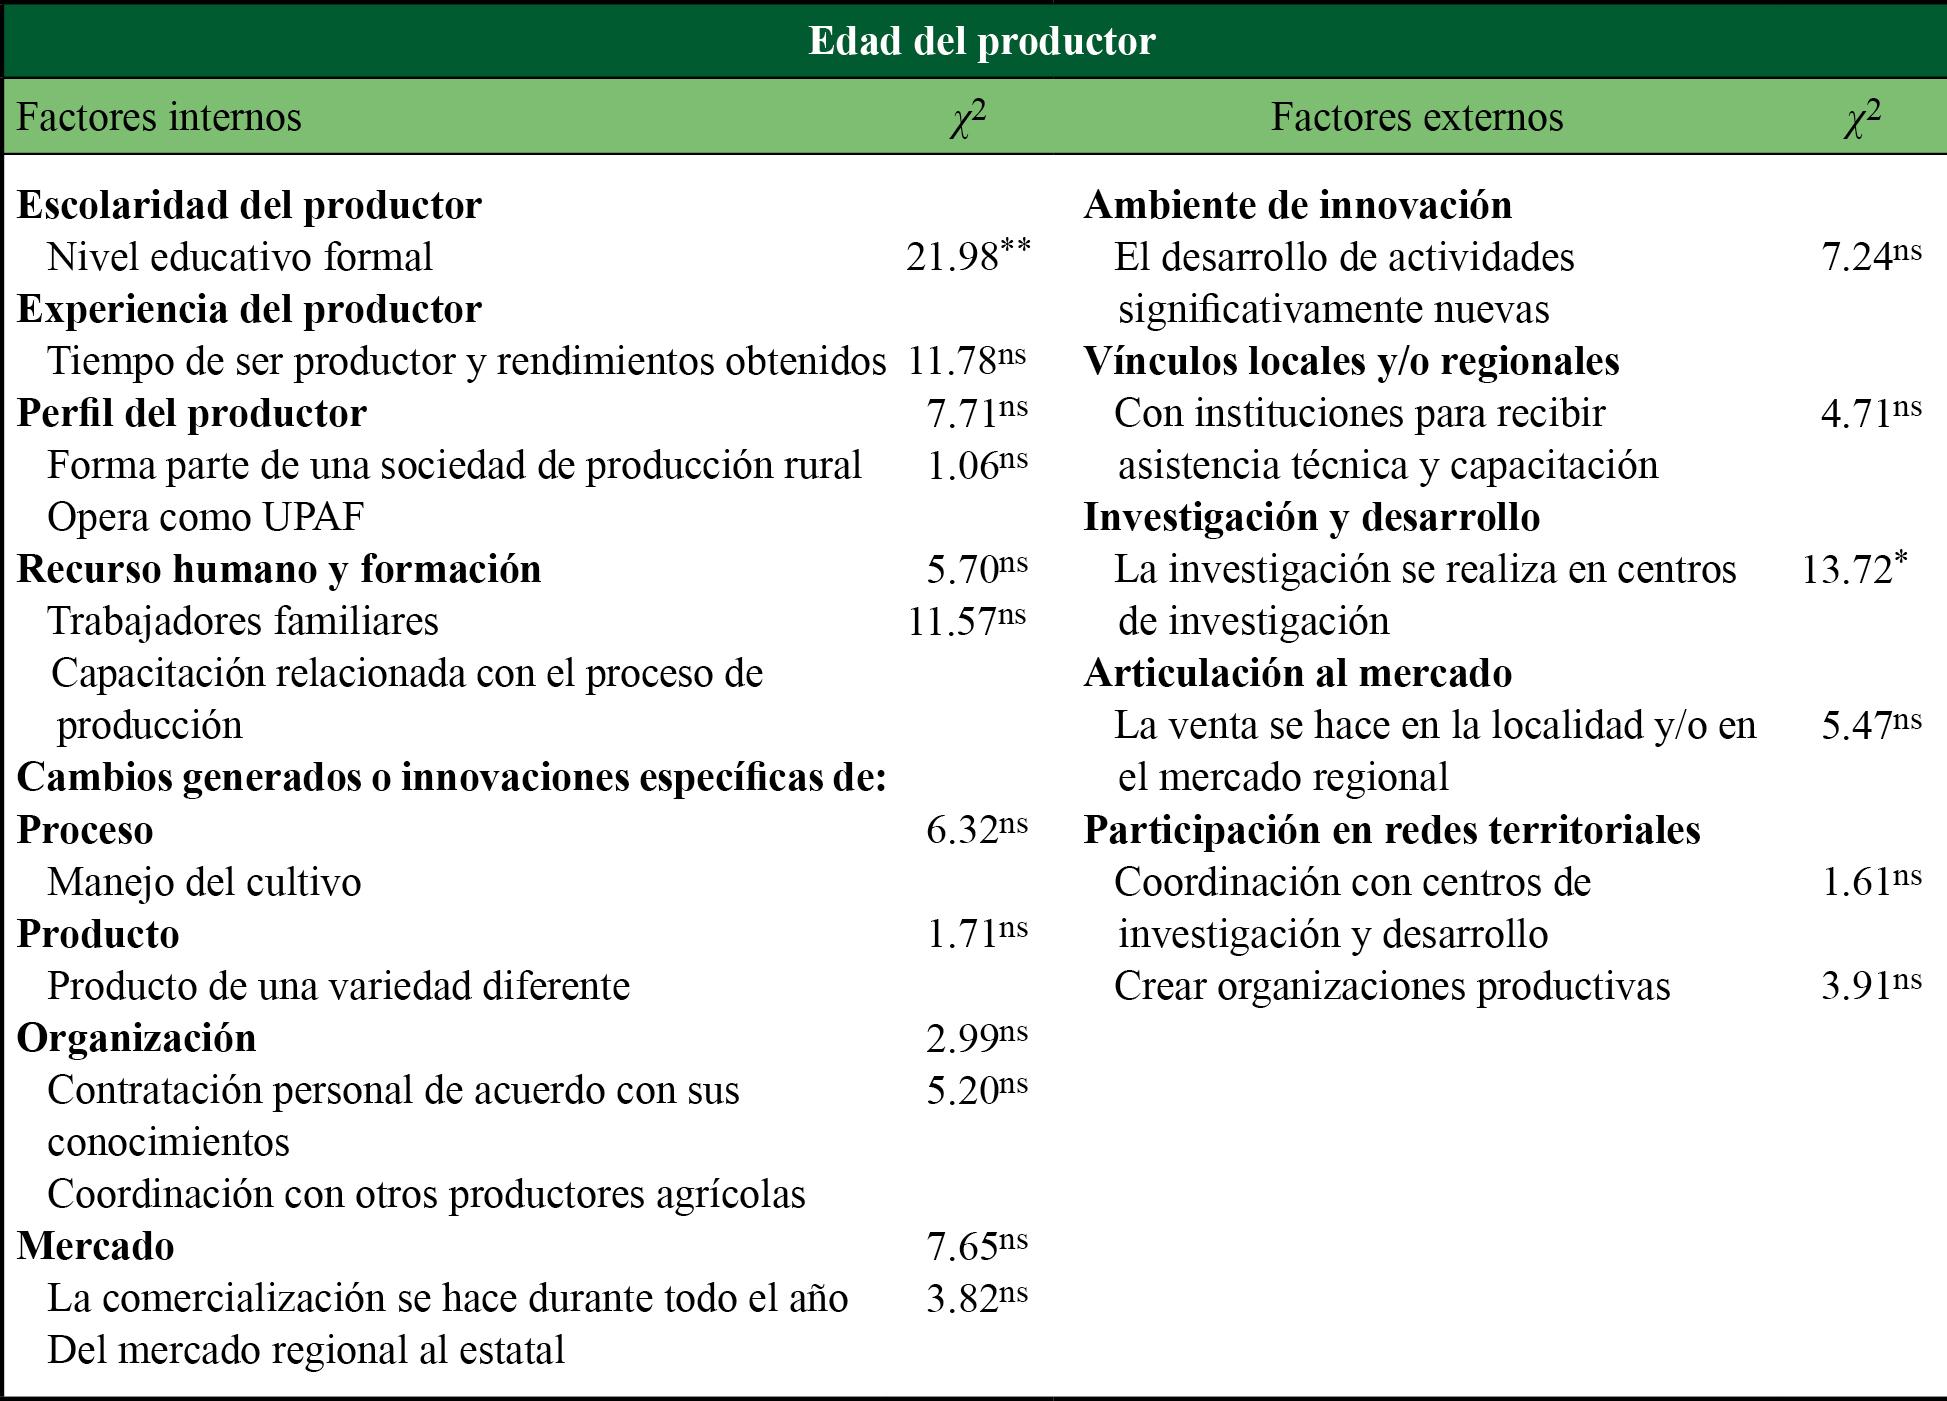 Dependencia de factores internos y externos de innovación con relación a la edad del productor